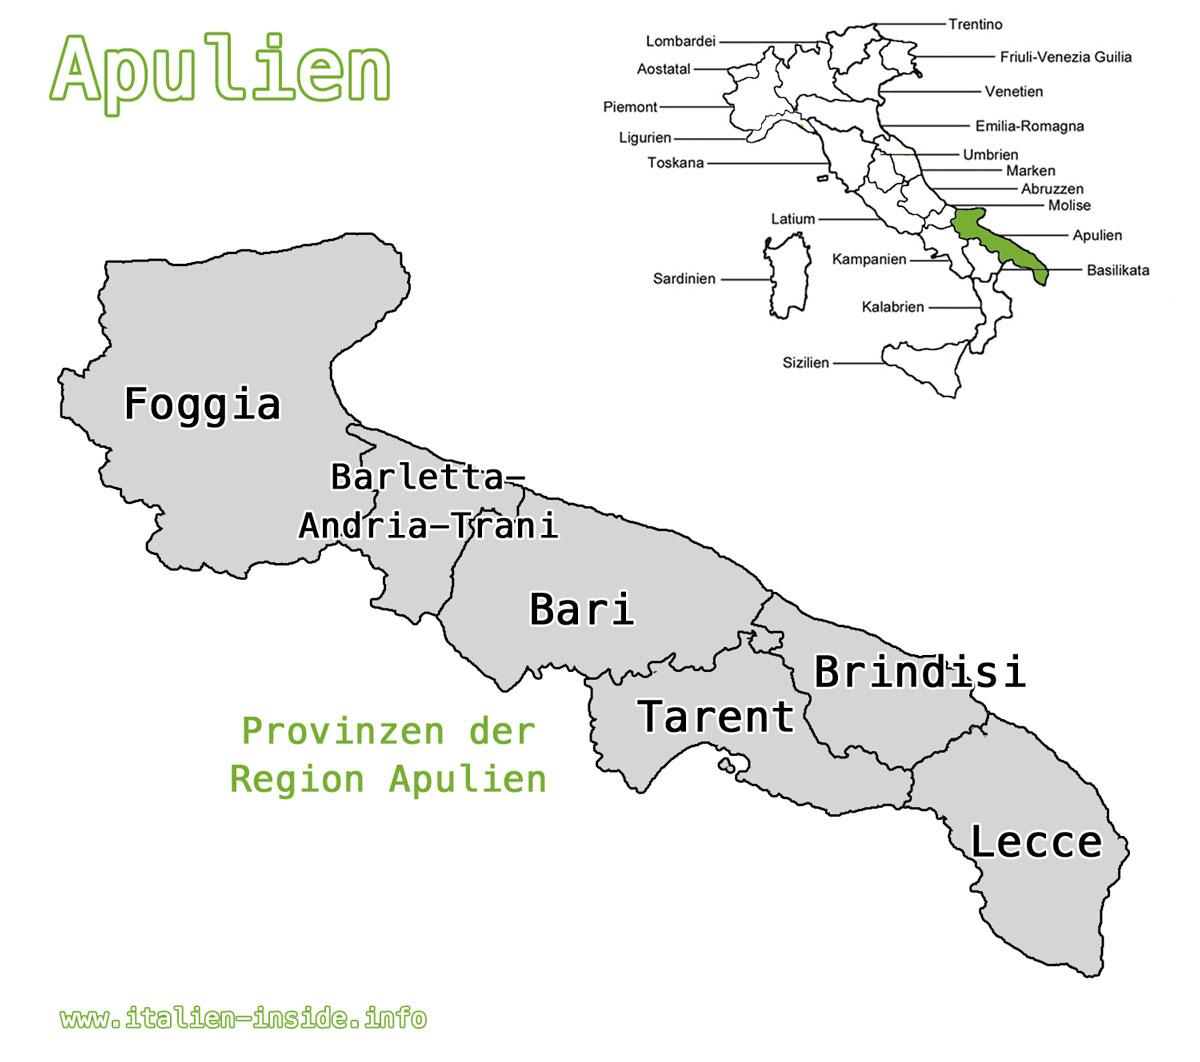 Karte-Apulien-Provinzen